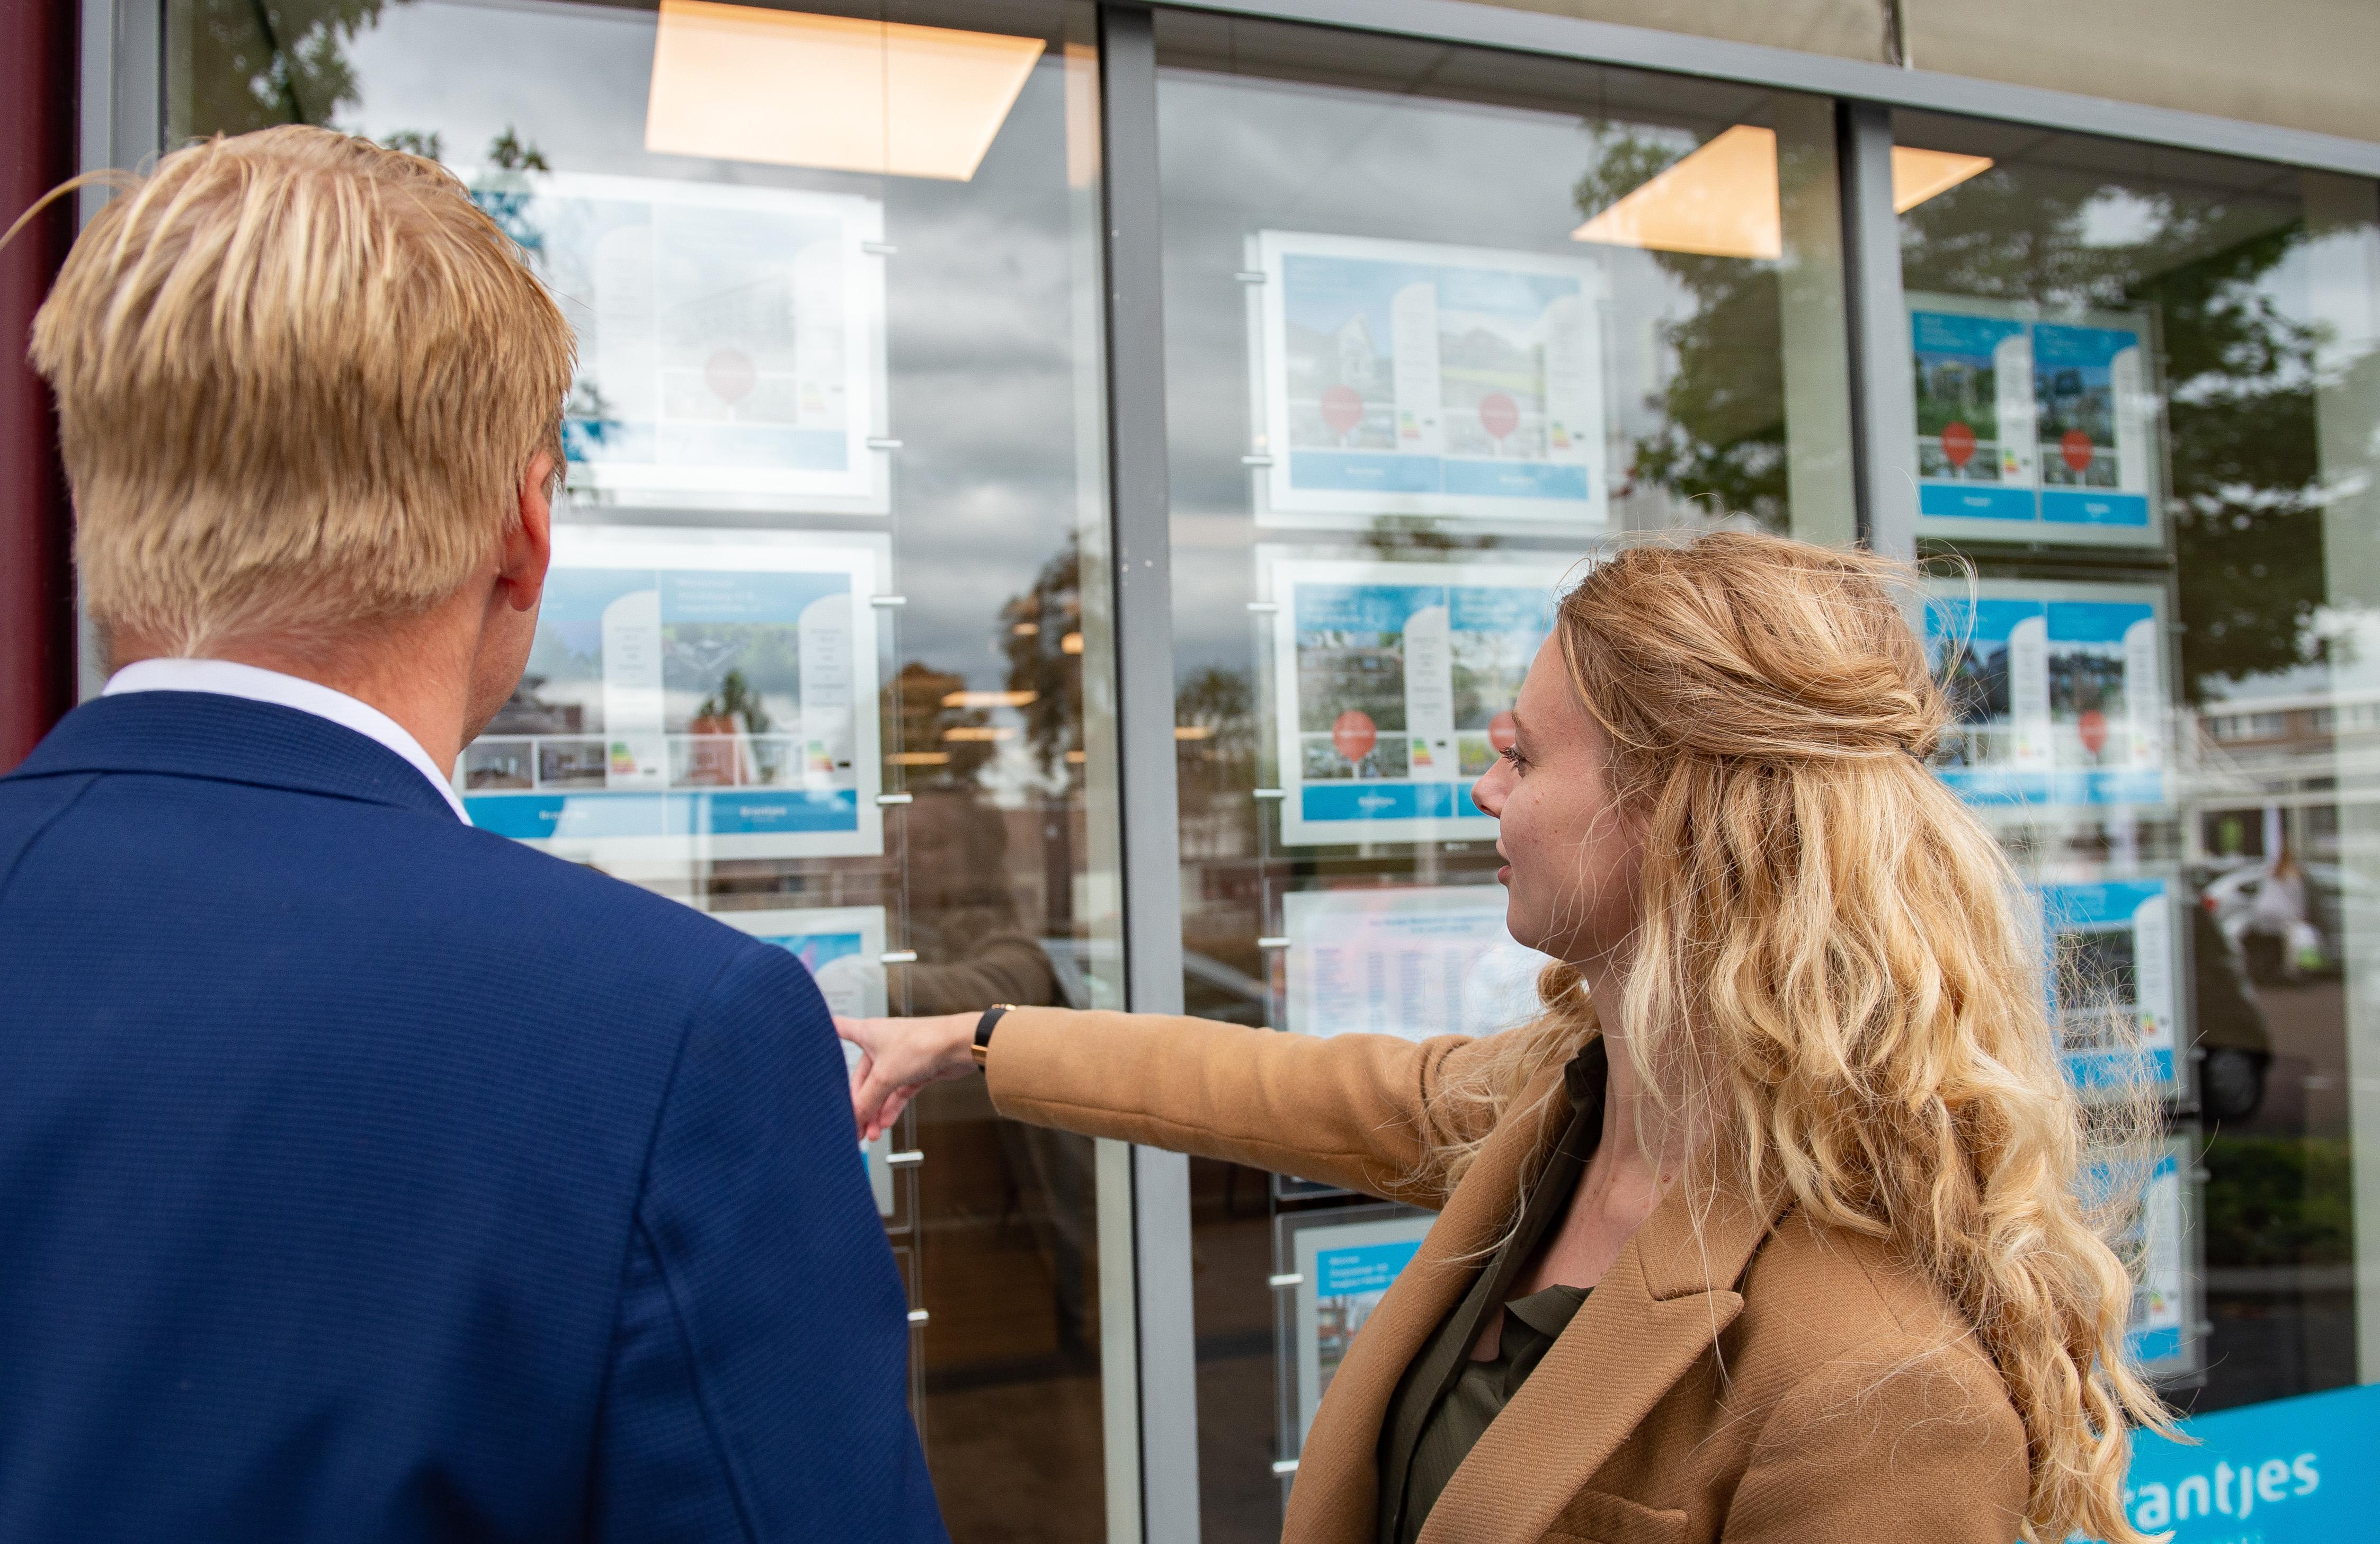 Op huizenjacht: hoge huren onbetaalbare koophuizen. Hoe doe je dat in een ontspoorde woningmarkt?